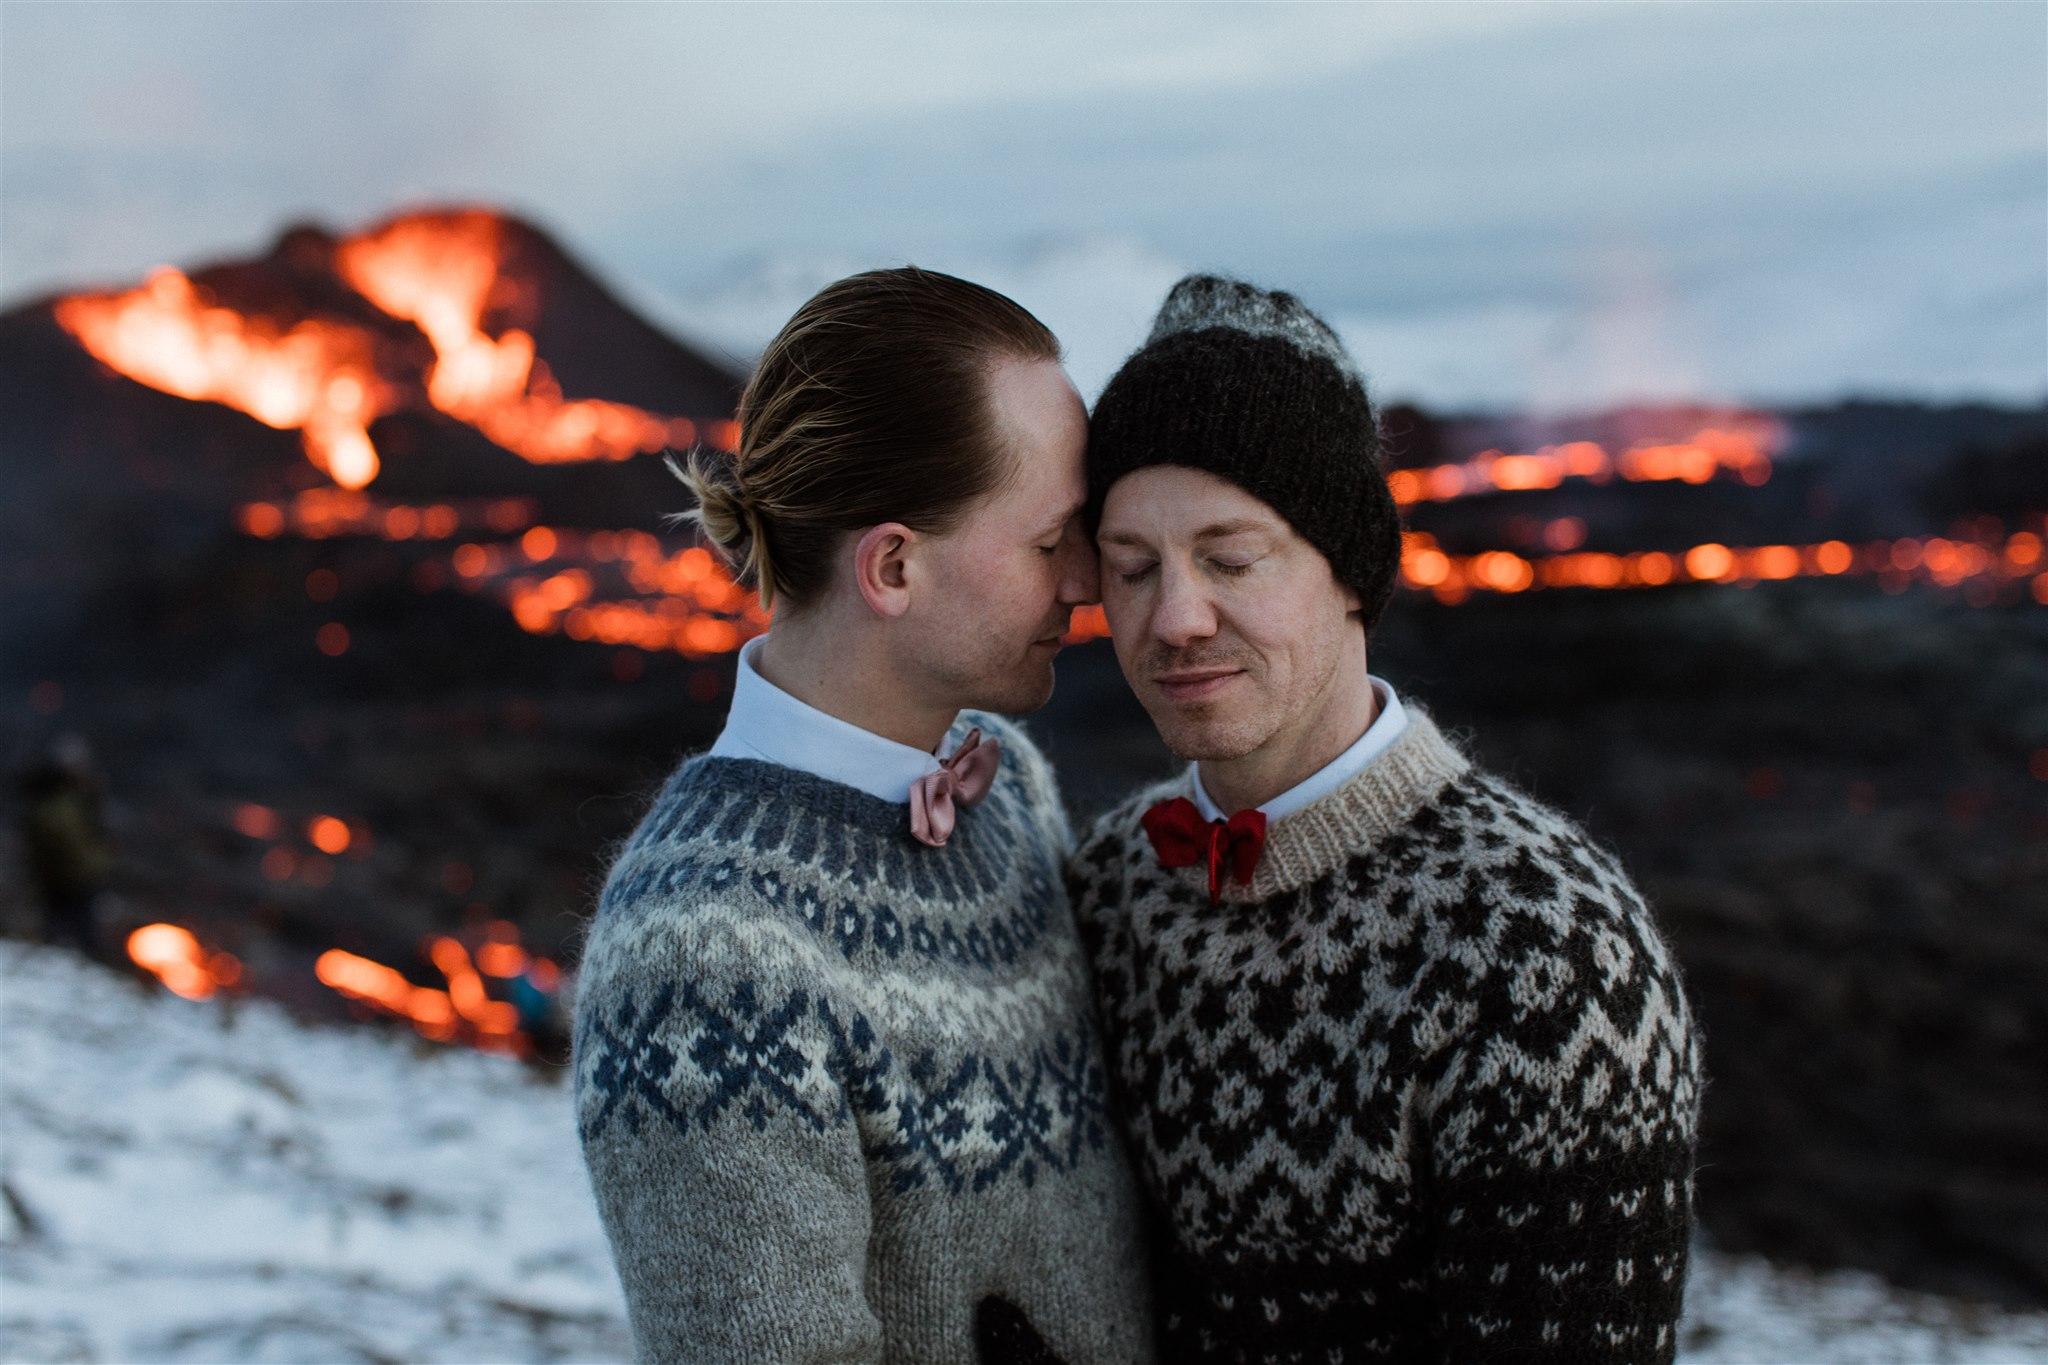 Sumarliði & Jón